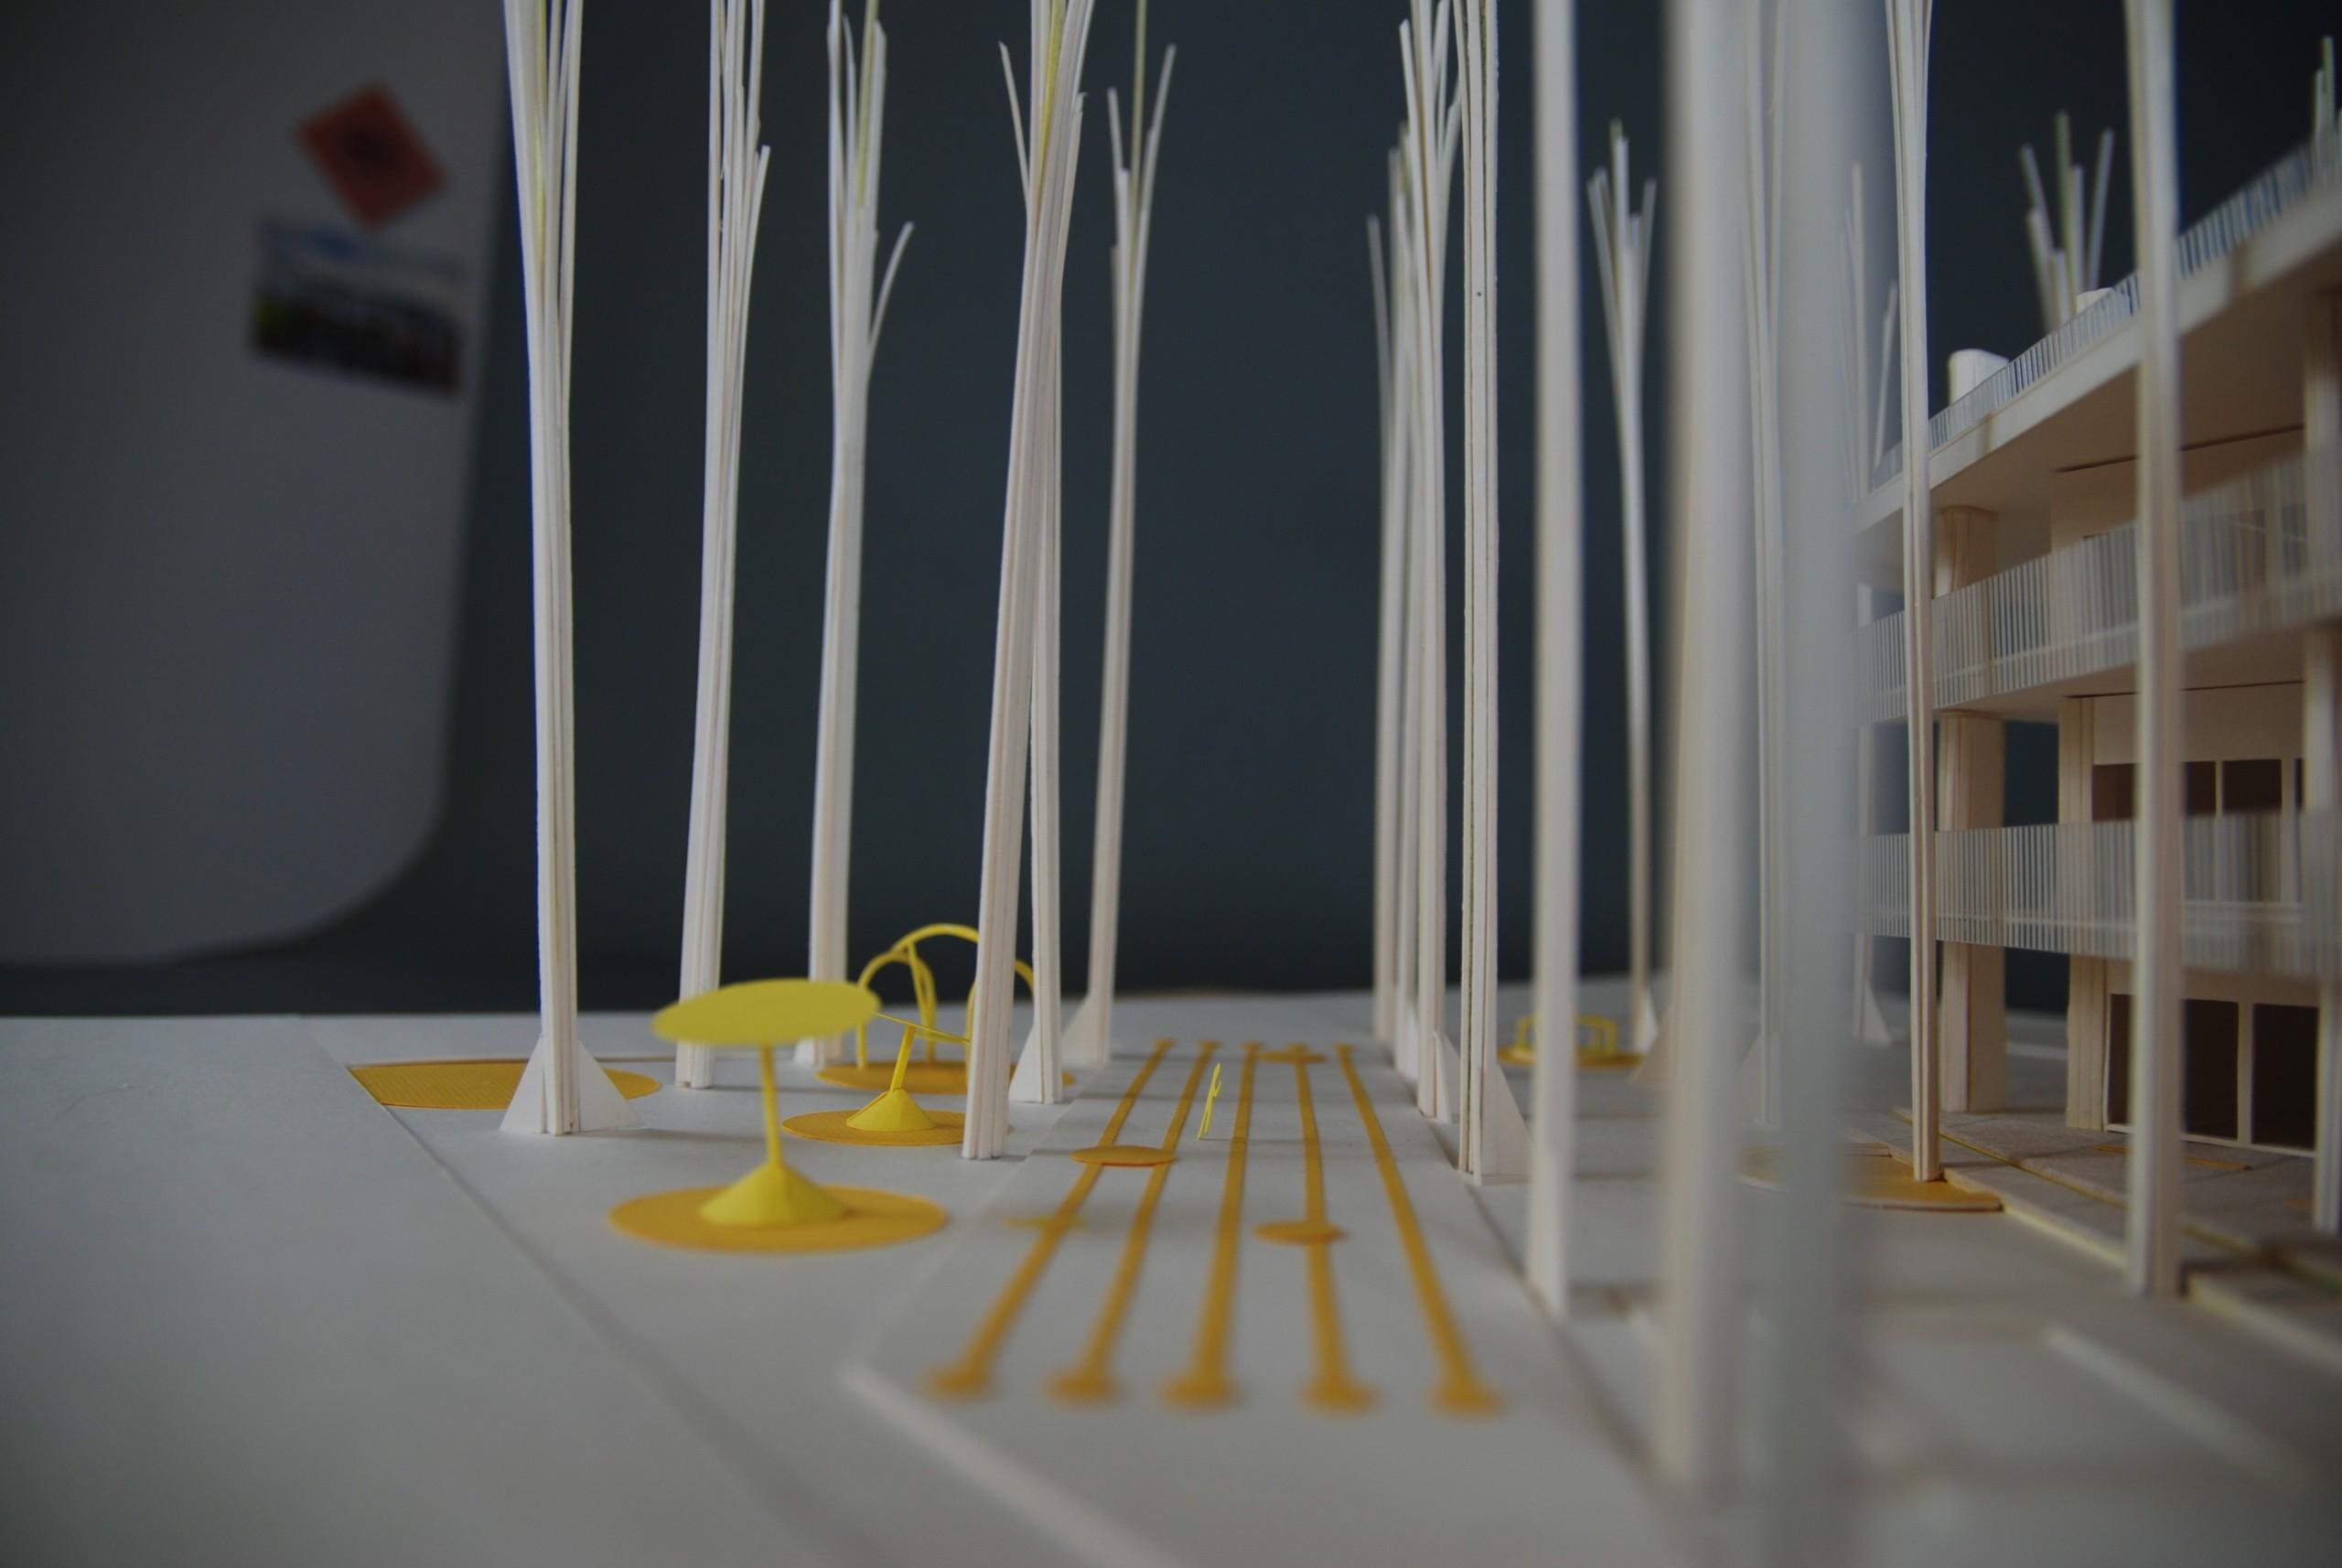 德築-DEZU-project-淡海大芽幼兒園-architecture-building-model-2